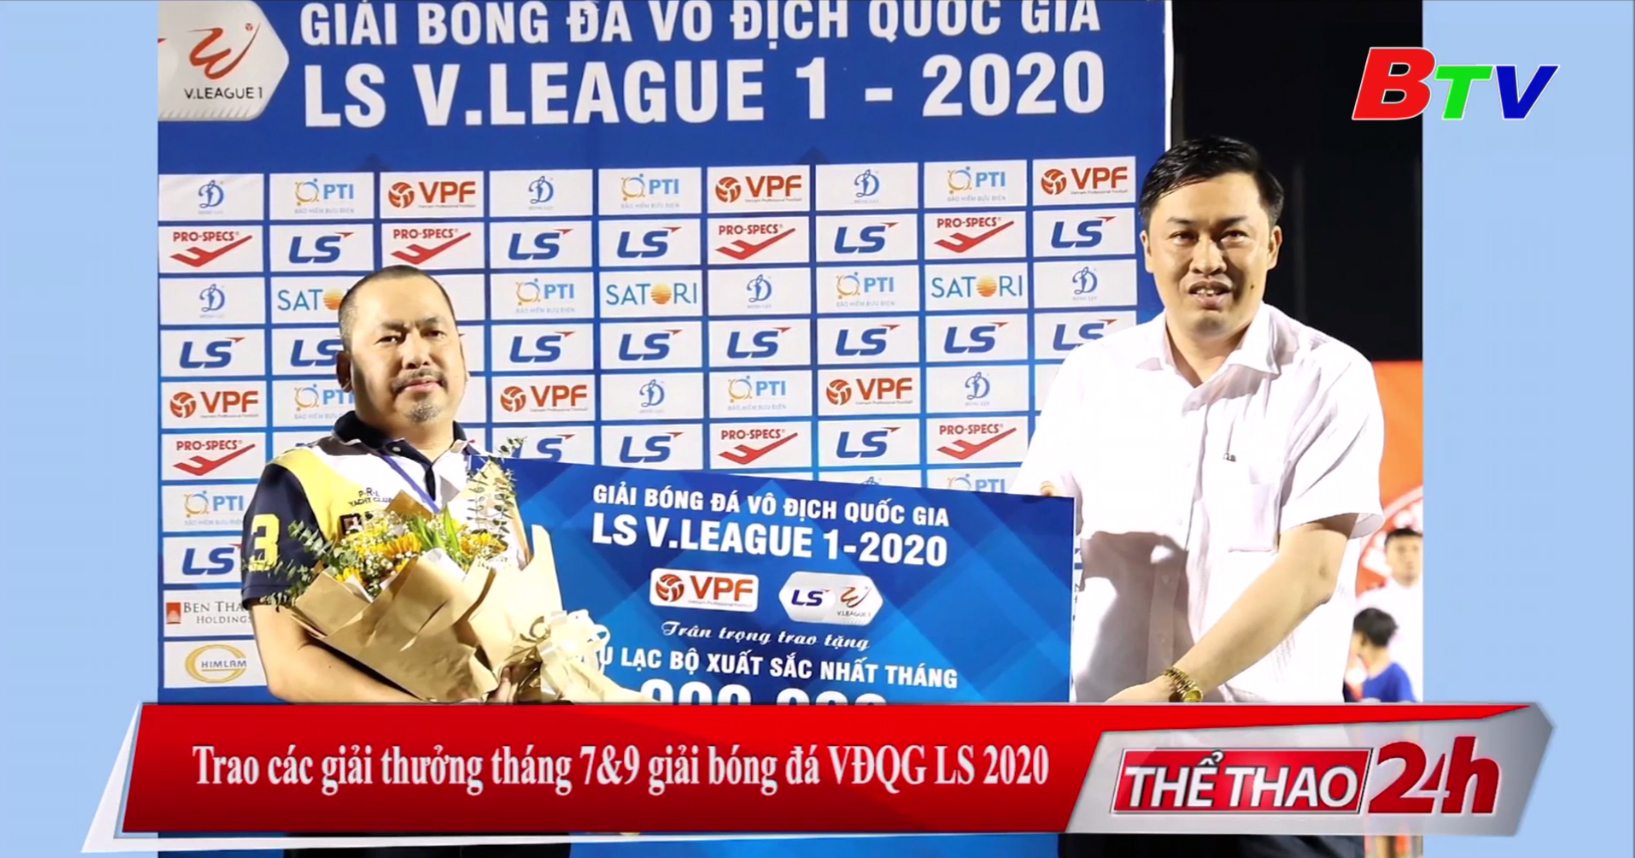 Trao các giải thưởng tháng 7 và tháng 9 Giải bóng đá vô địch Quốc gia LS 2020